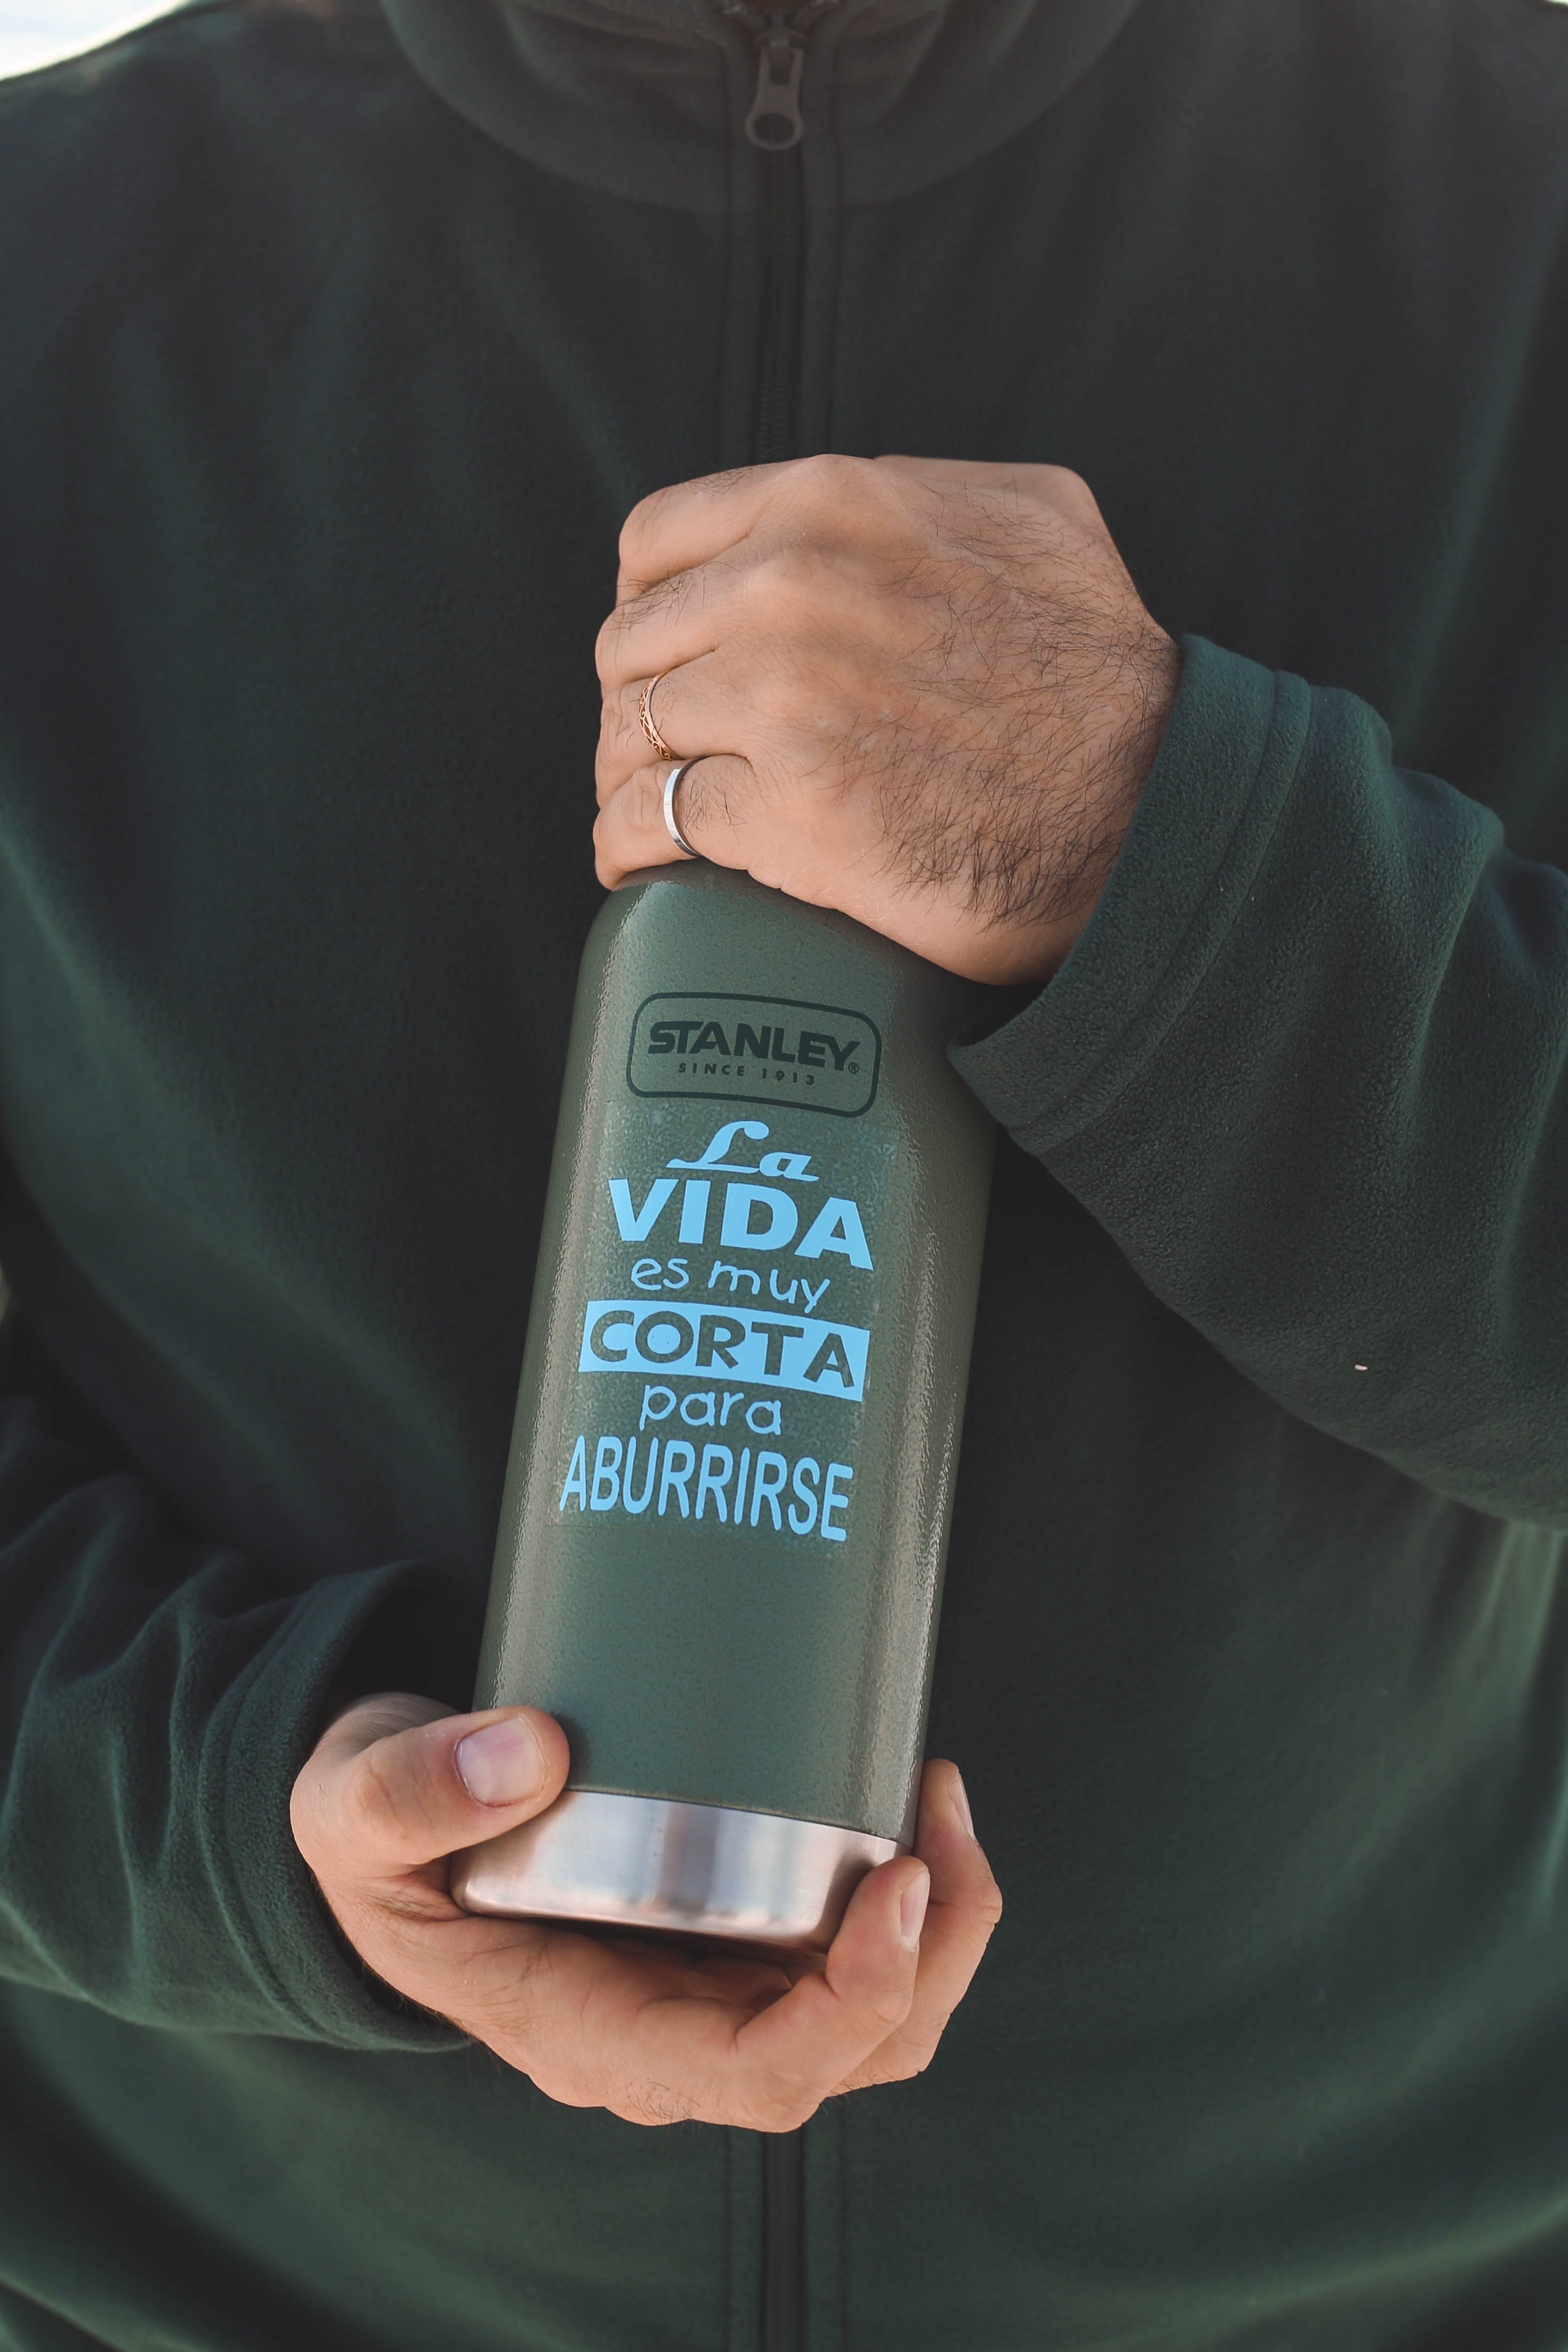 Kostenloses Stock Foto zu container, flasche, hände, mann